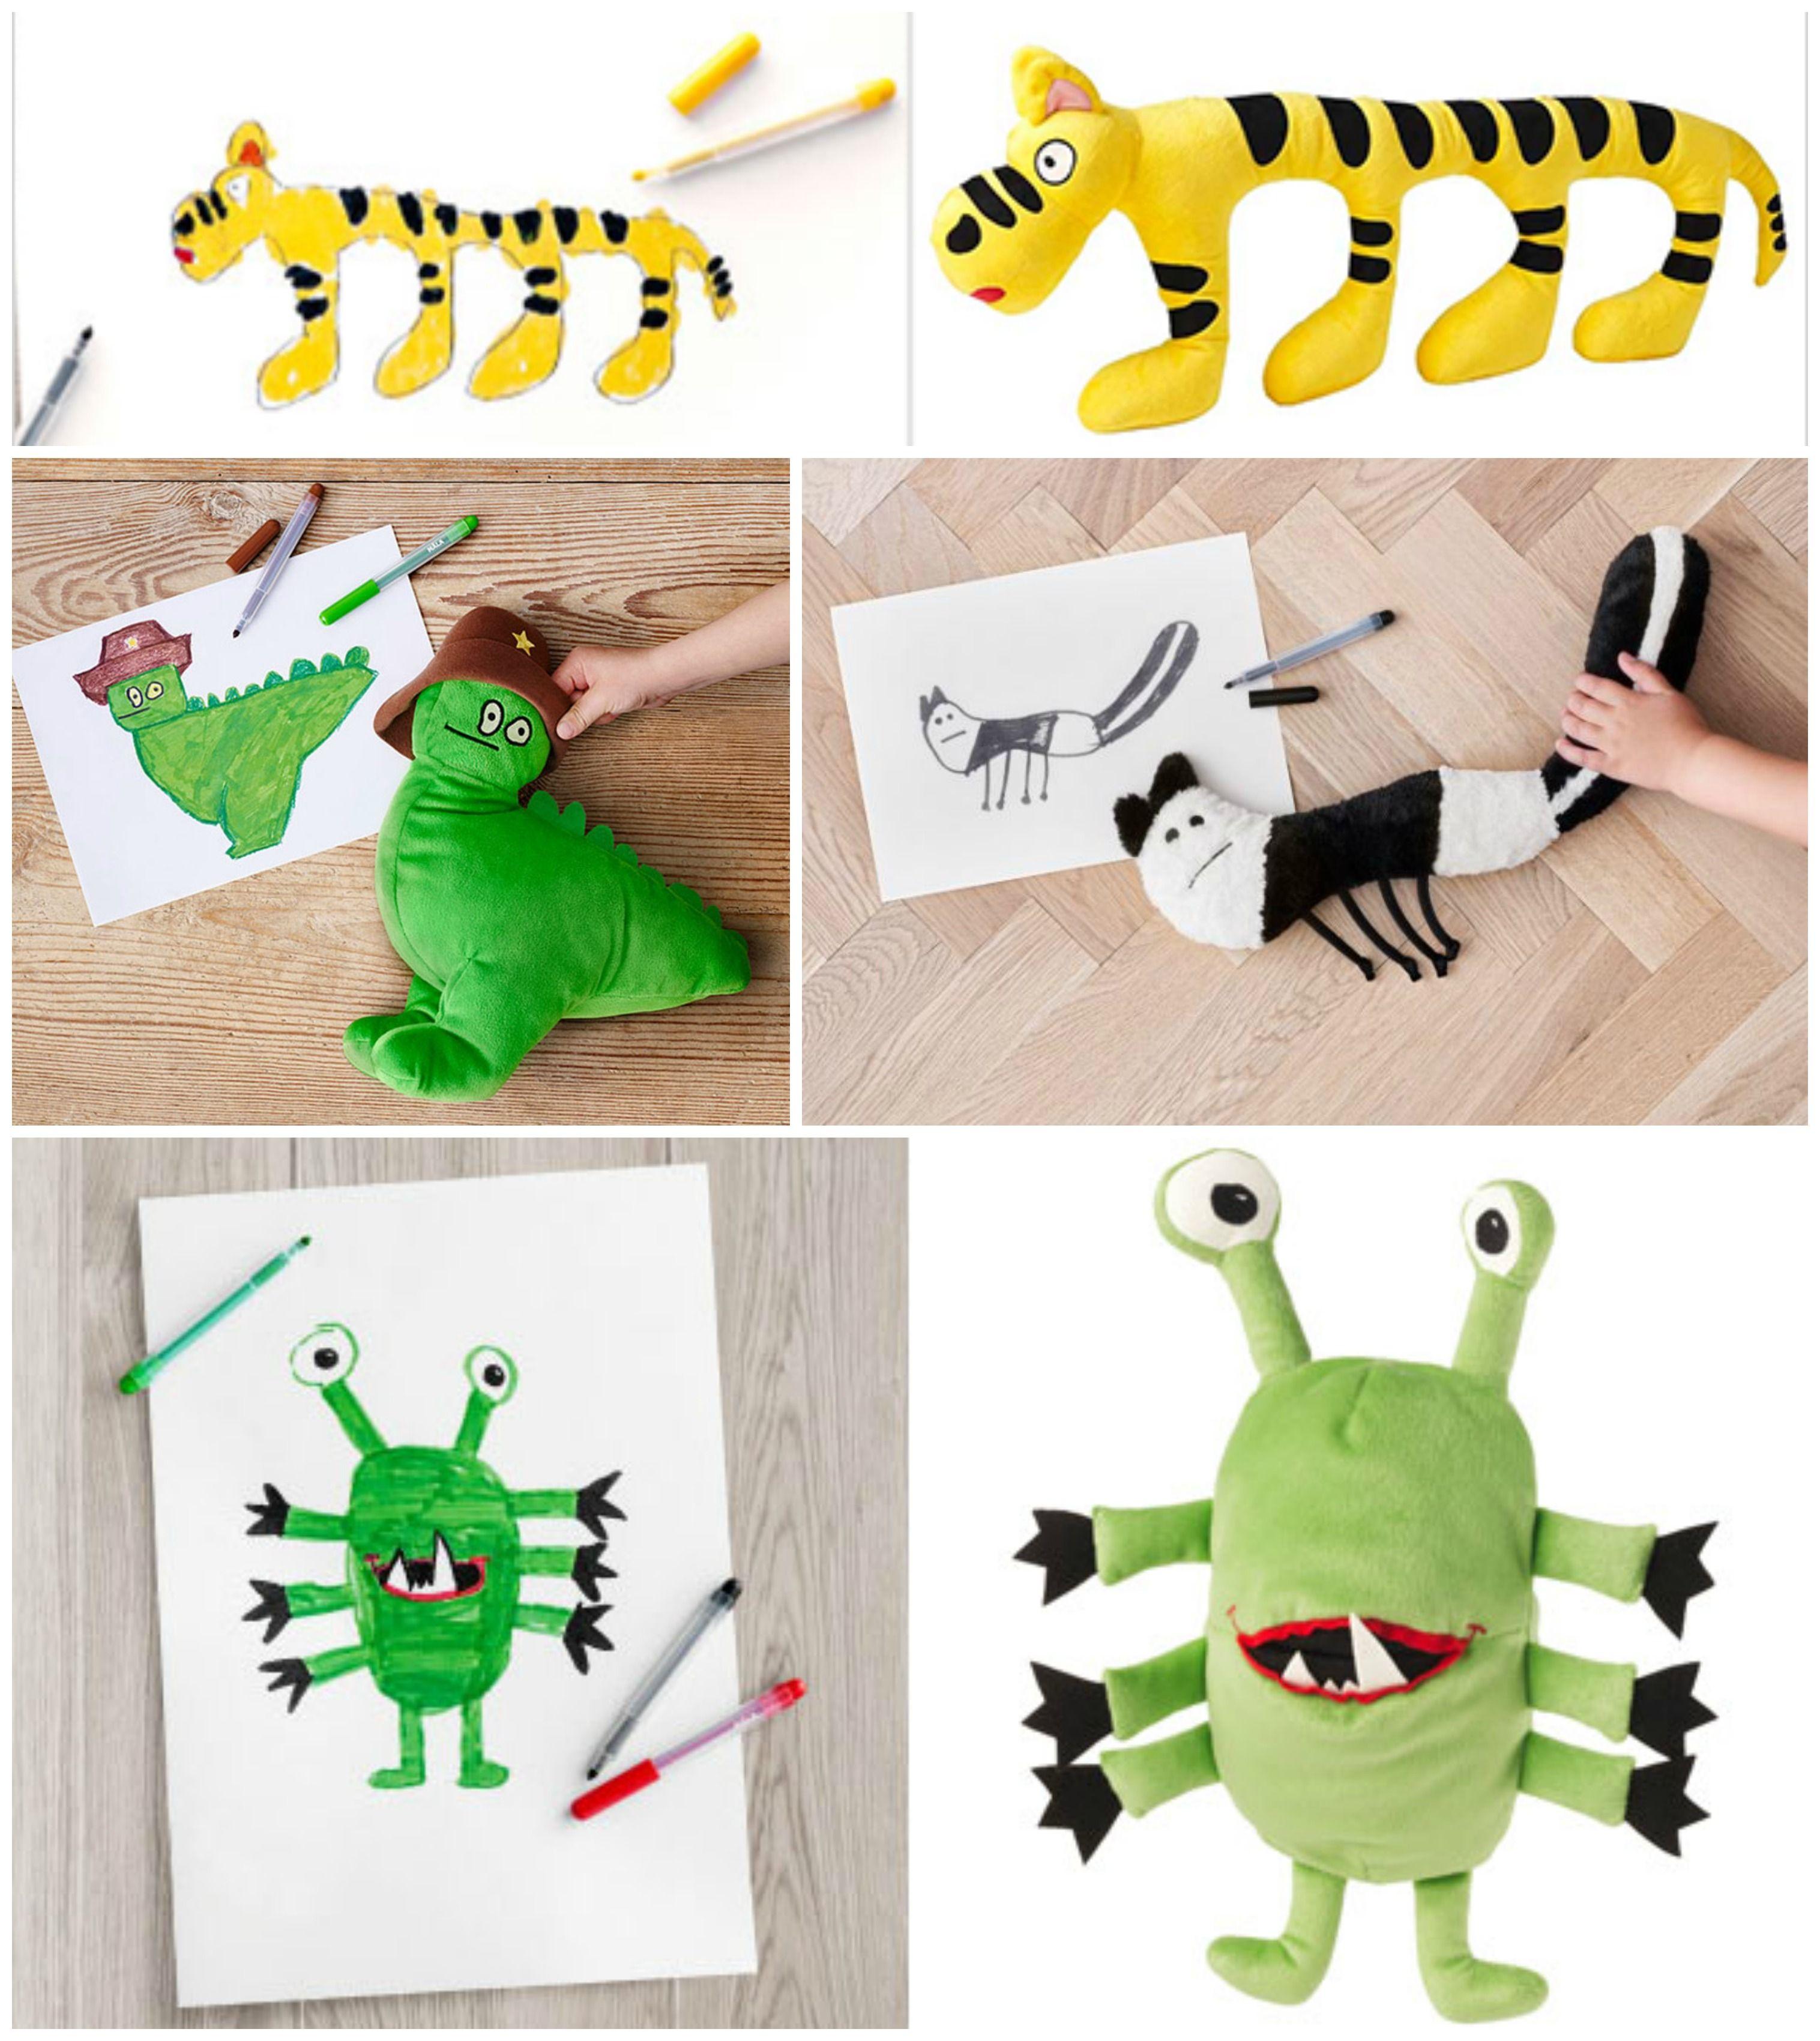 ikea lancia una collezione di peluche disegnati dai bambini bigodino. Black Bedroom Furniture Sets. Home Design Ideas